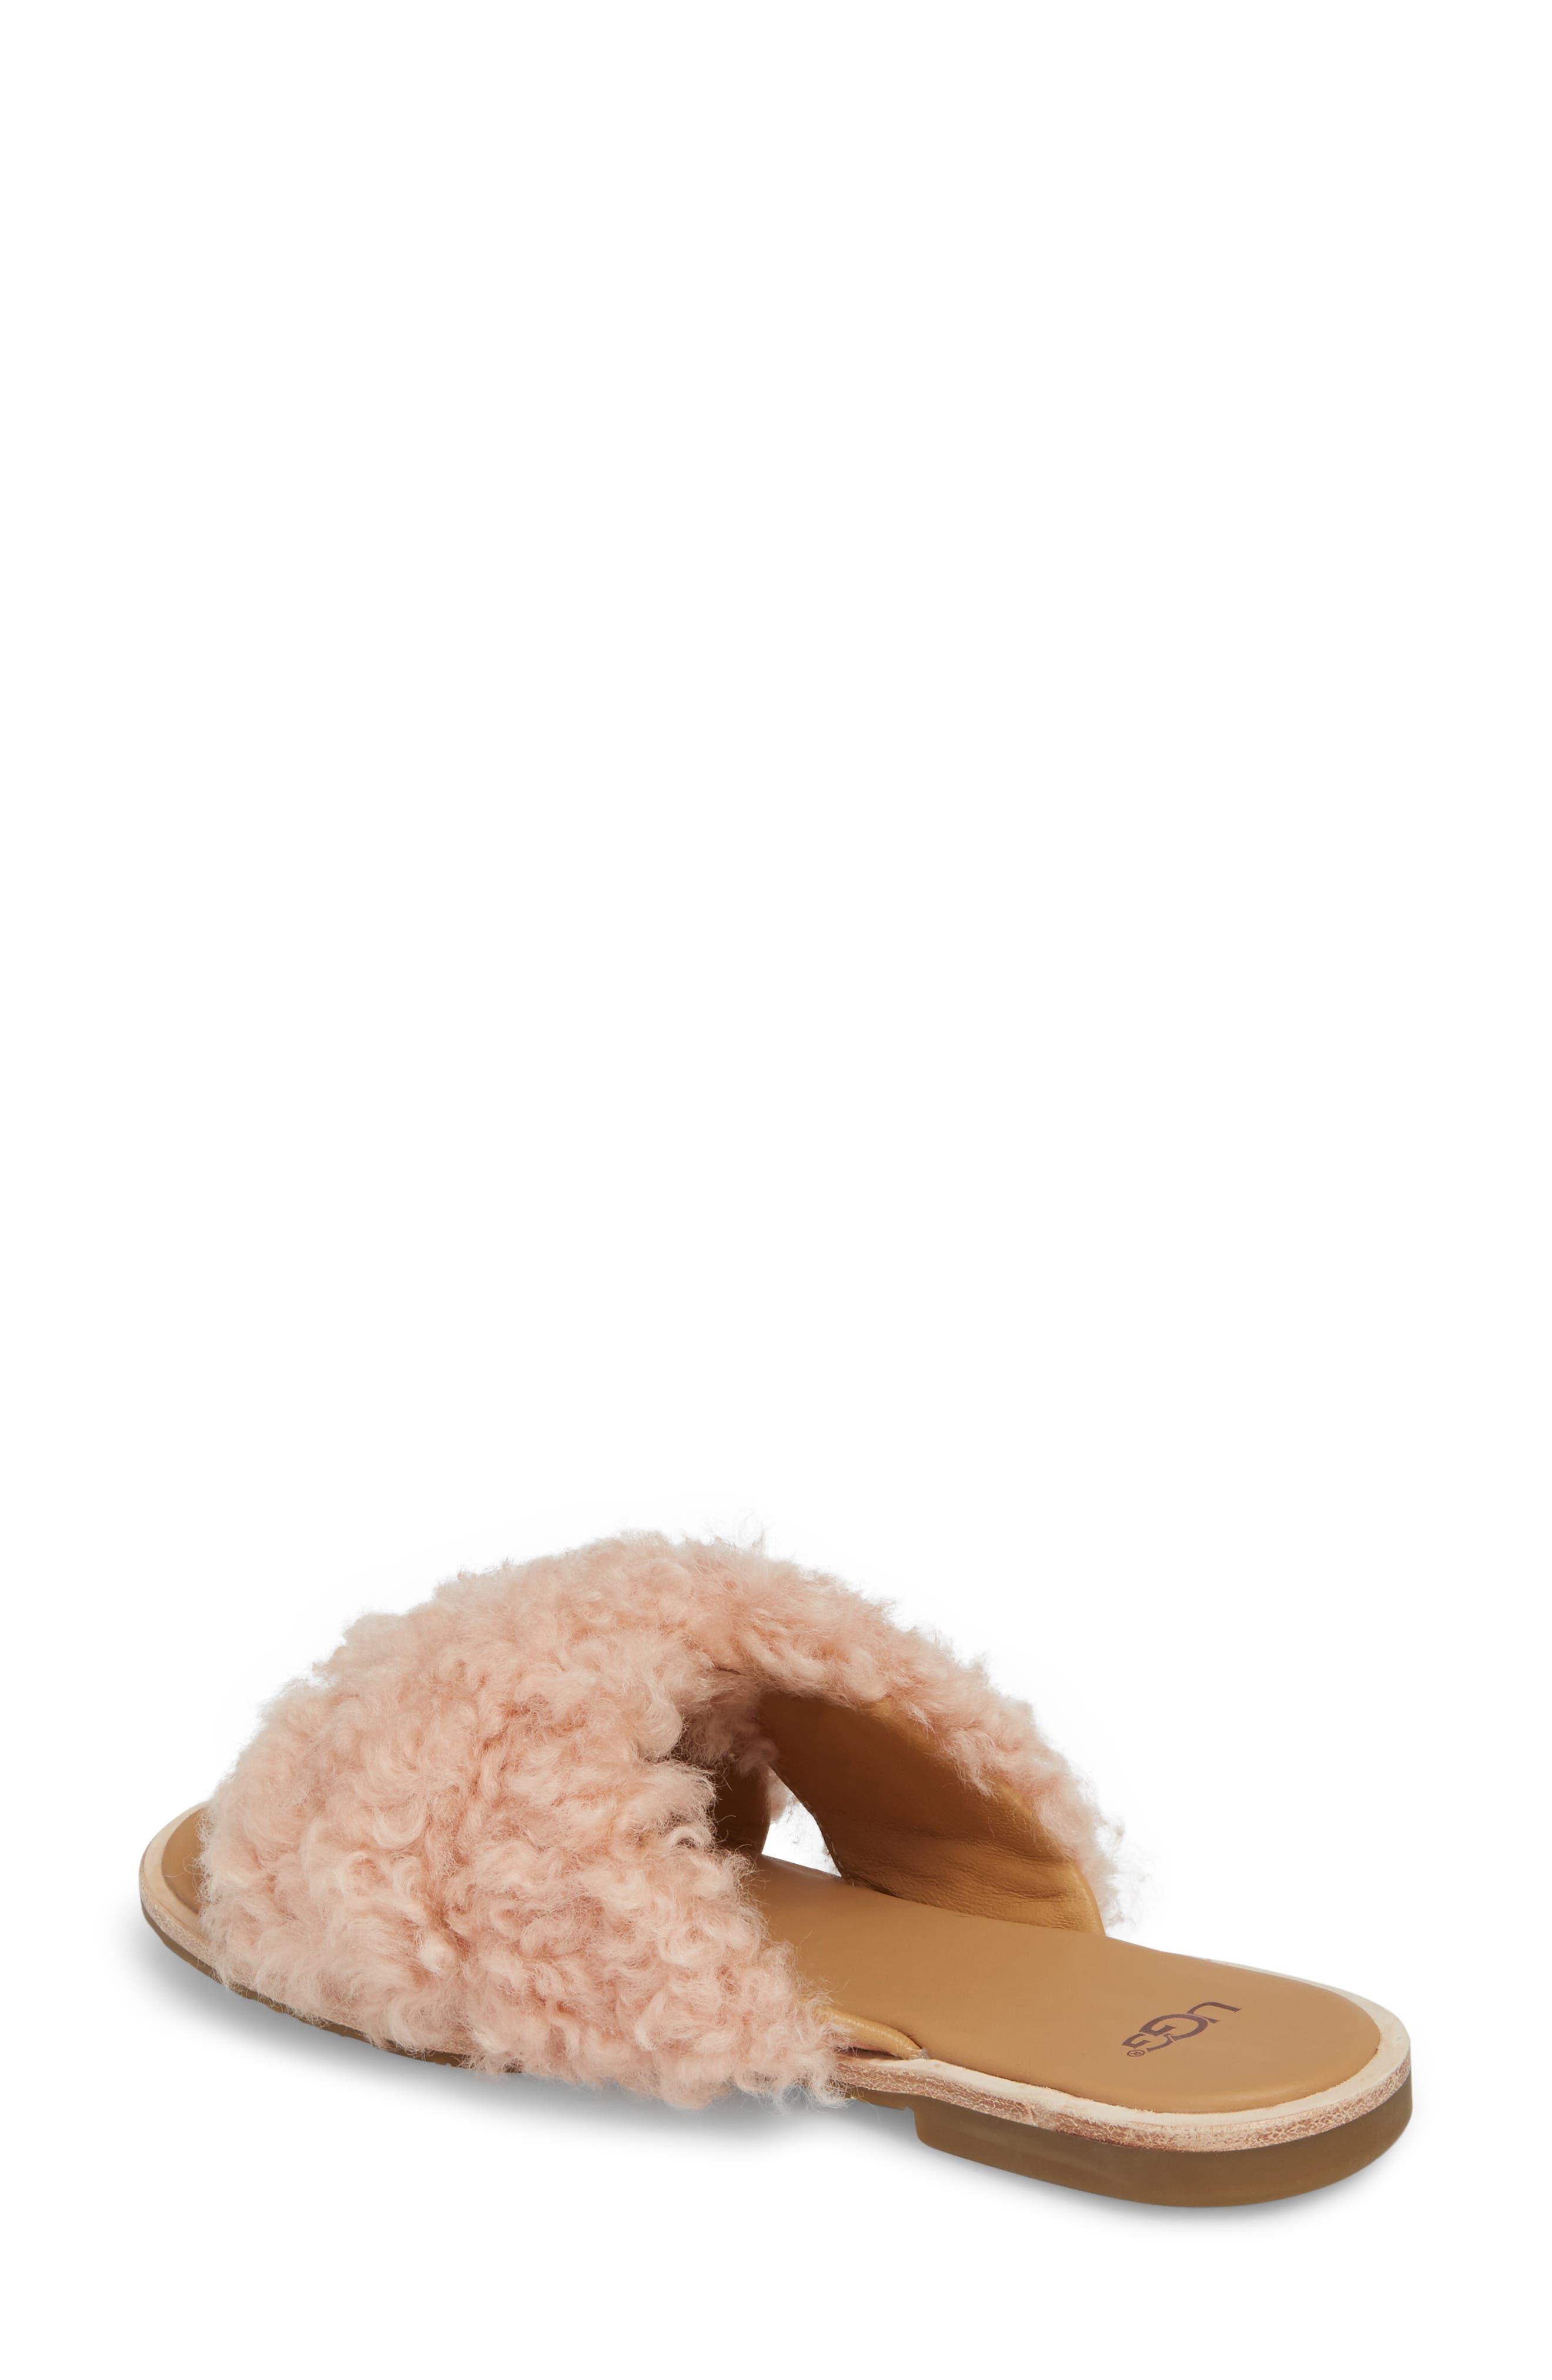 Joni Genuine Shearling Slide Sandal,                             Alternate thumbnail 2, color,                             Suntan